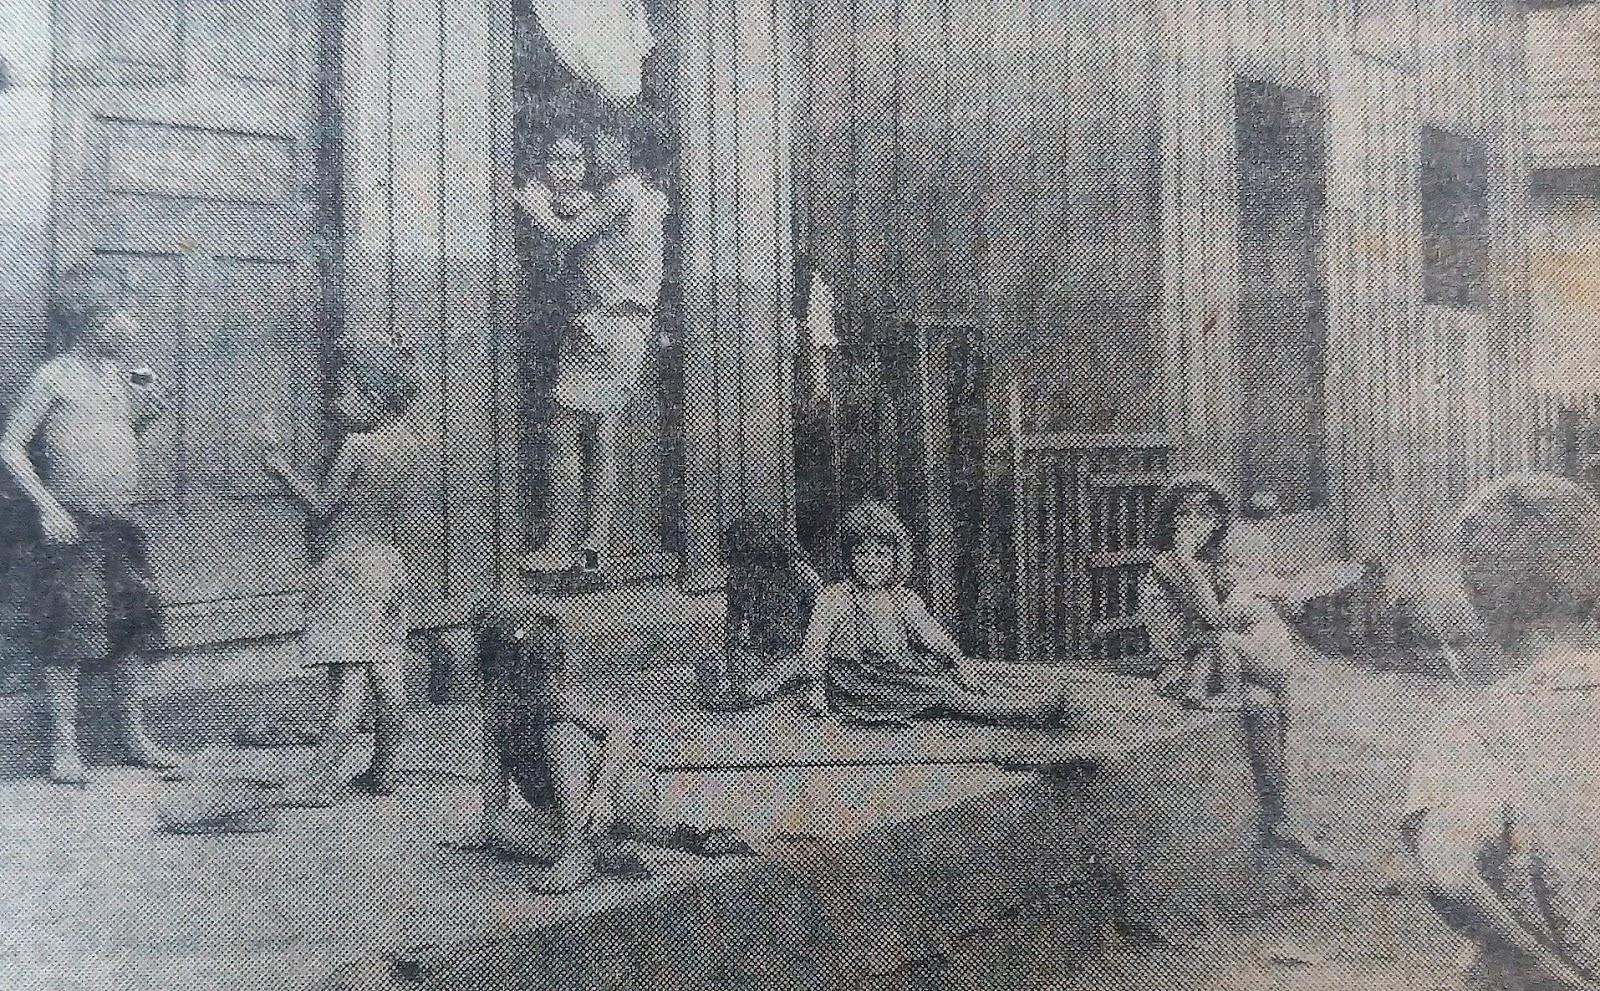 Problemas sociais com as crianças - 1962